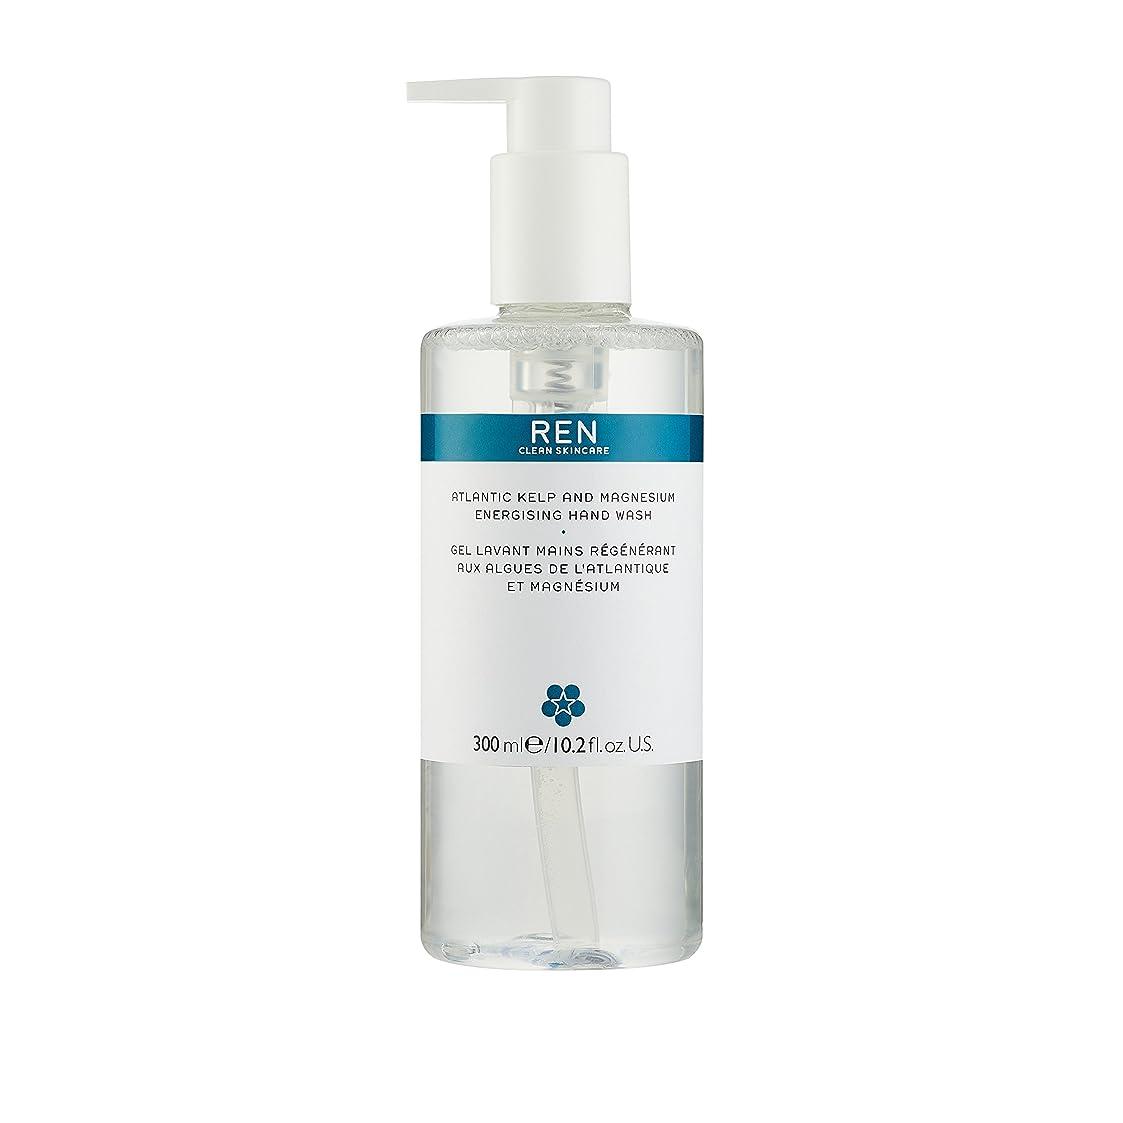 興奮する反対風が強いレン Atlantic Kelp And Magnesium Energising Hand Wash 42791/5312 300ml/10.2oz並行輸入品